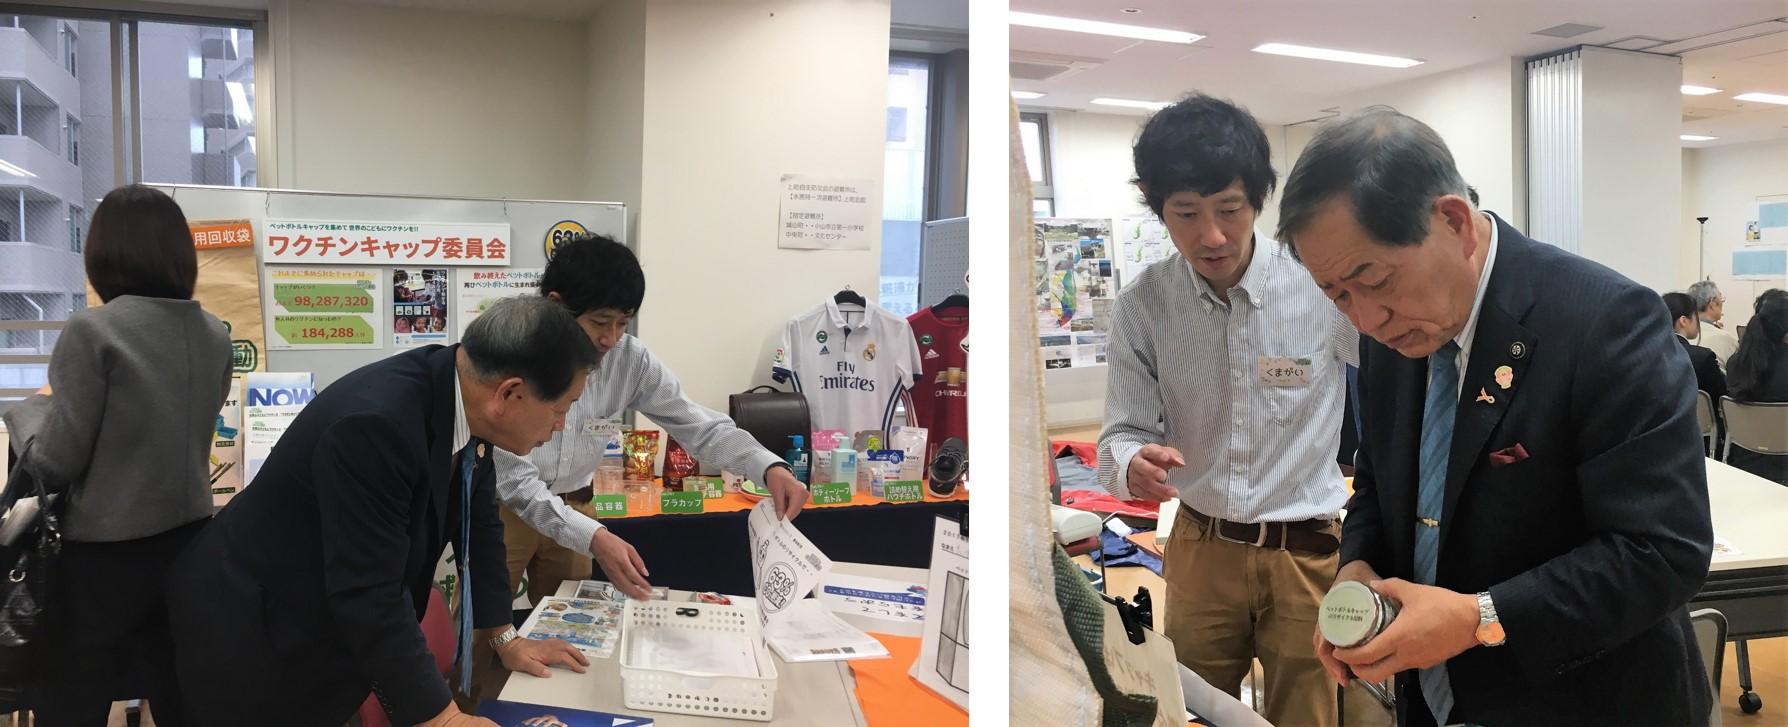 協栄産業 ジャパンテック ワクチンキャップ運動 ワクチンキャップ委員会 PETボトル ペットボトル リサイクル 世界の子供にワクチンを日本委員会 JCV おやまーるまつり